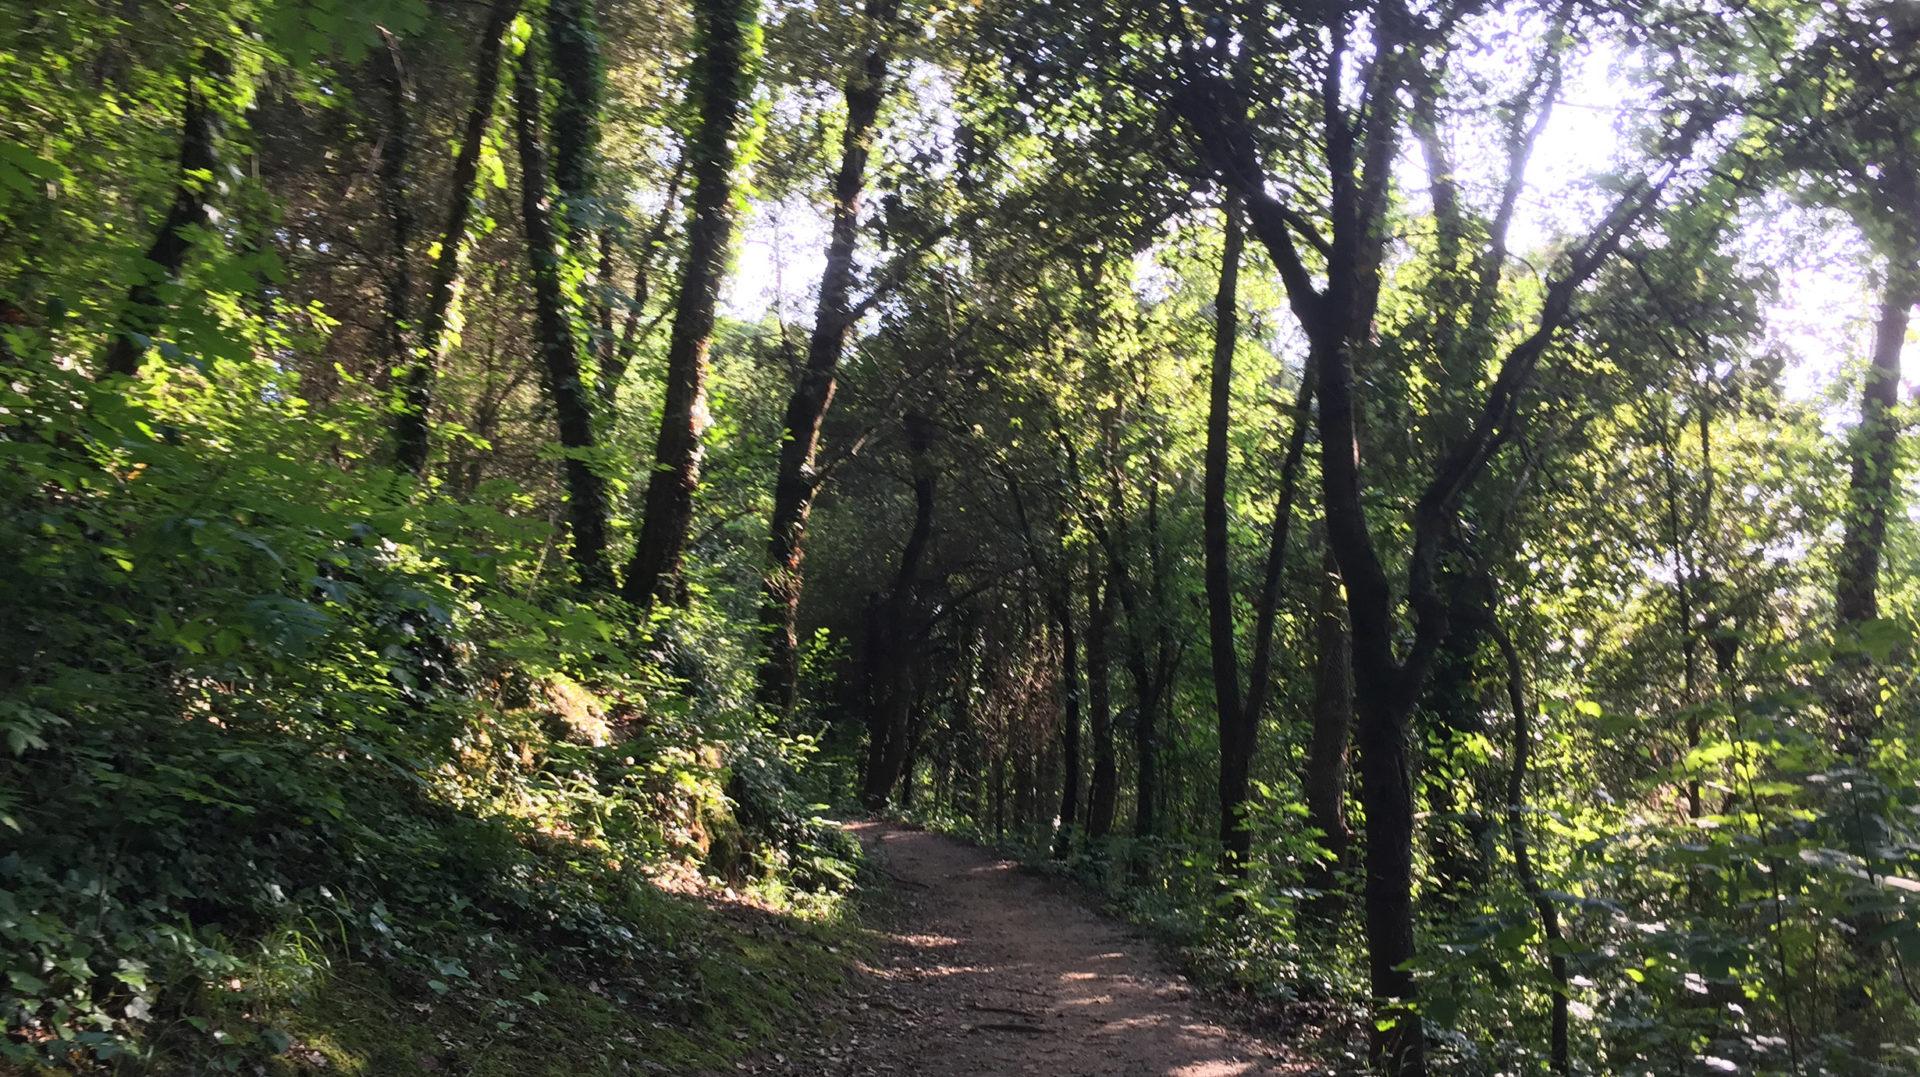 Què ens diuen els briòfits sobre l'estat ecològic dels boscos?